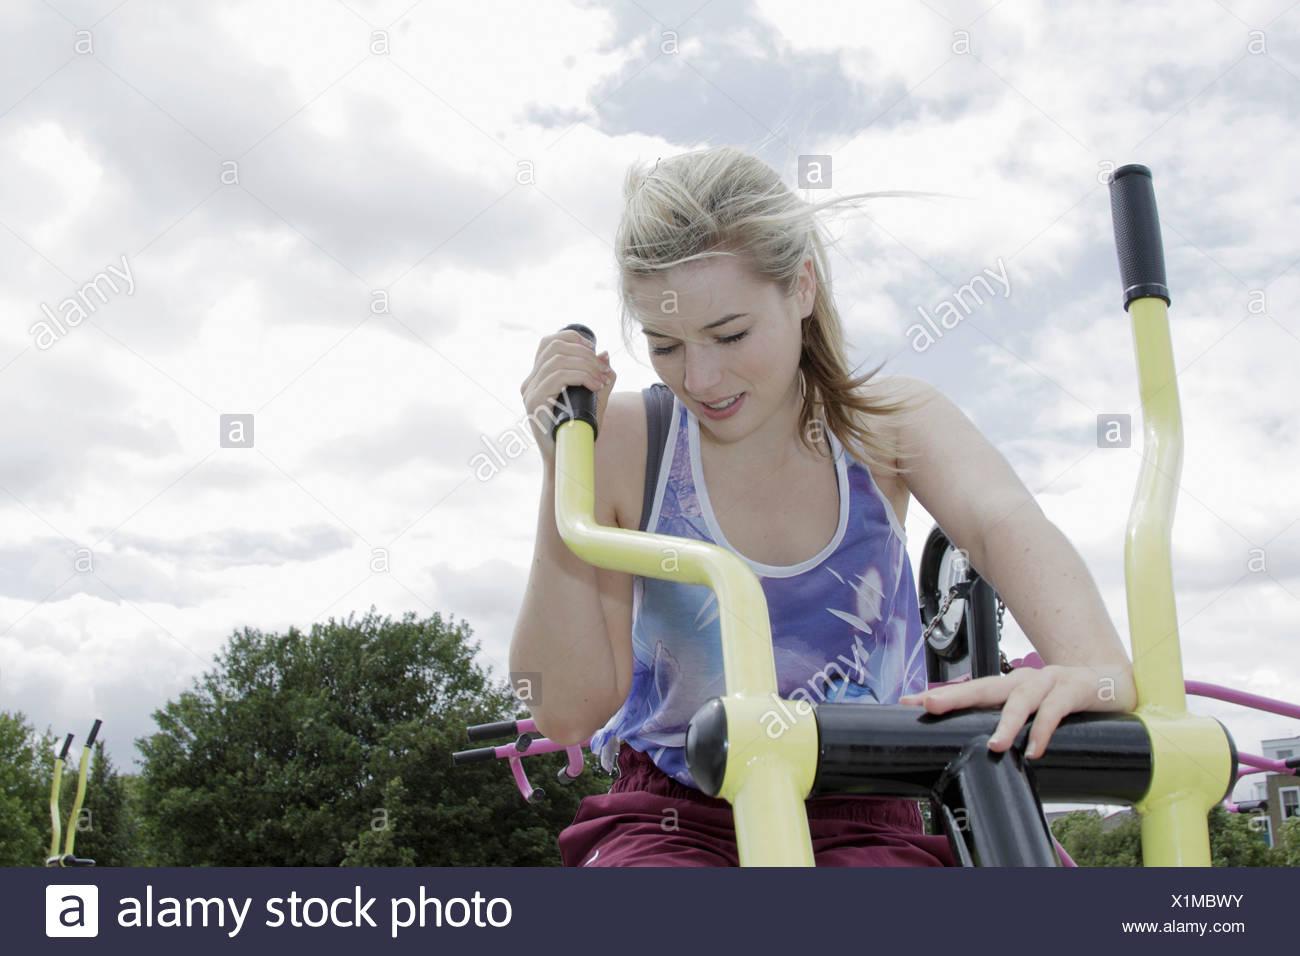 Mujer con máquina de ejercicio al aire libre Imagen De Stock